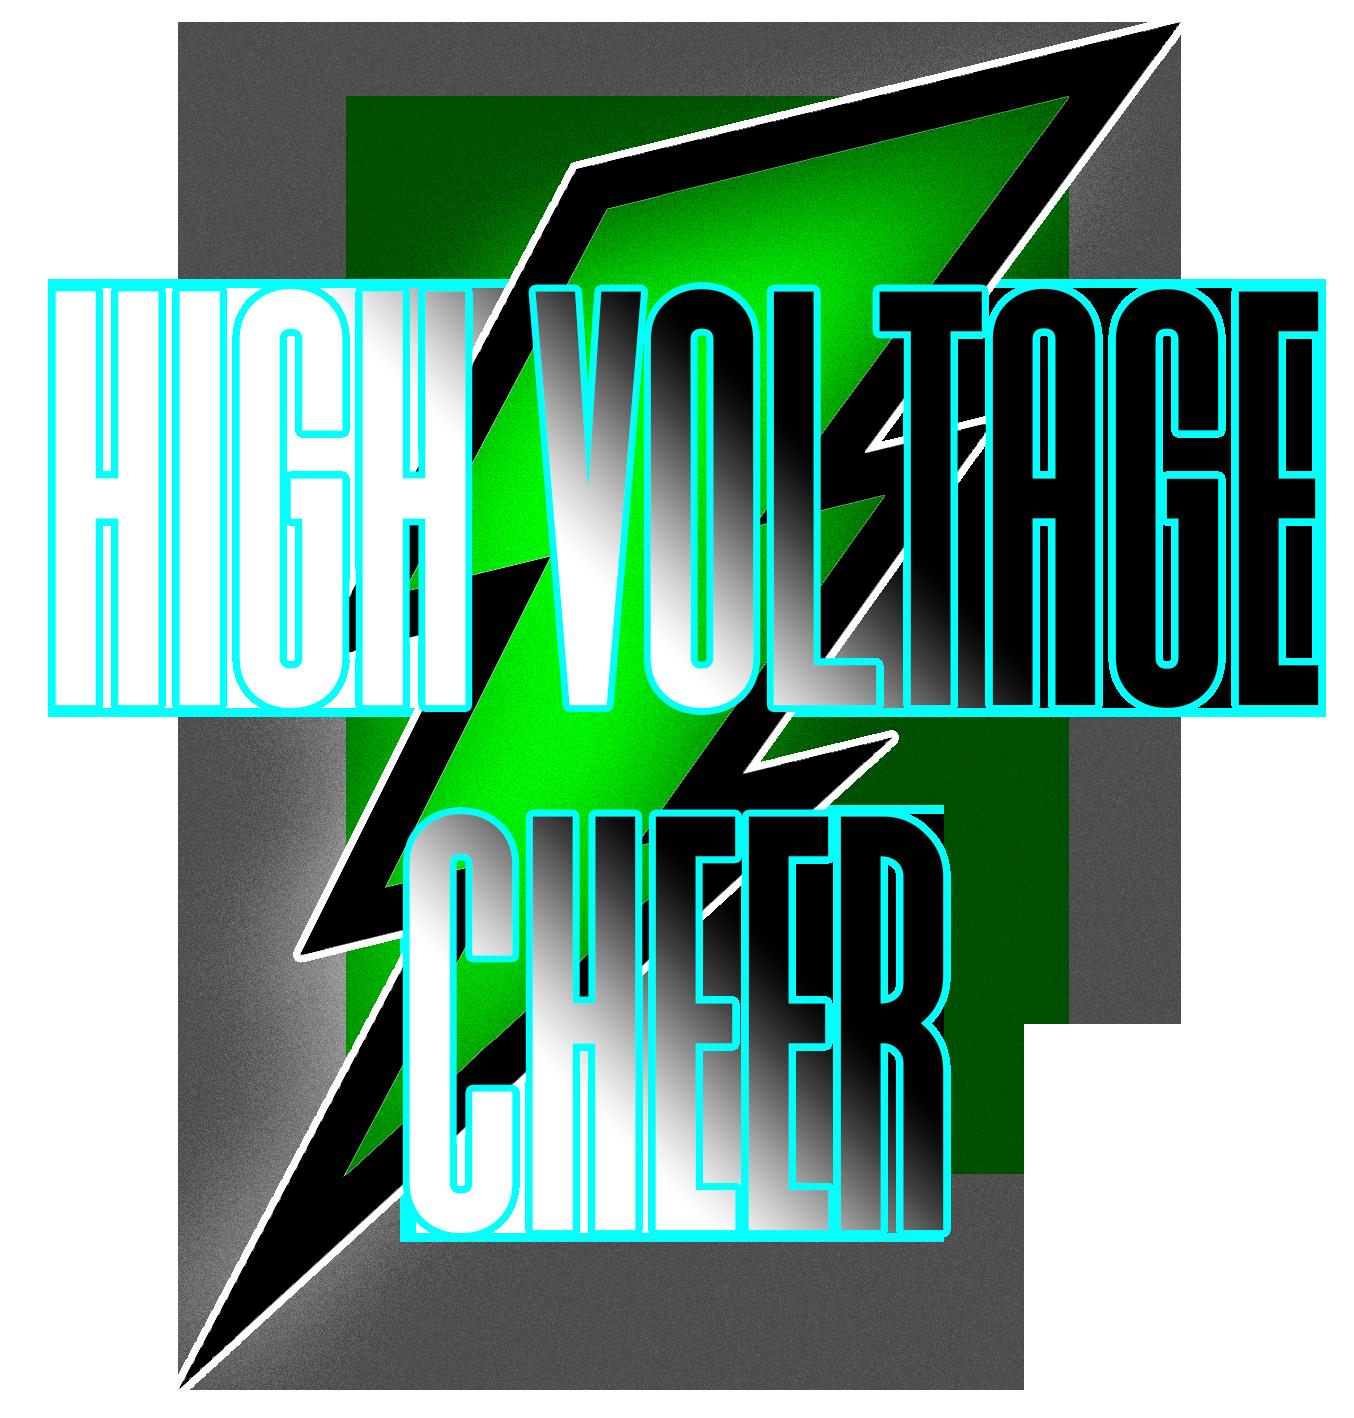 High Voltage Cheer Logo